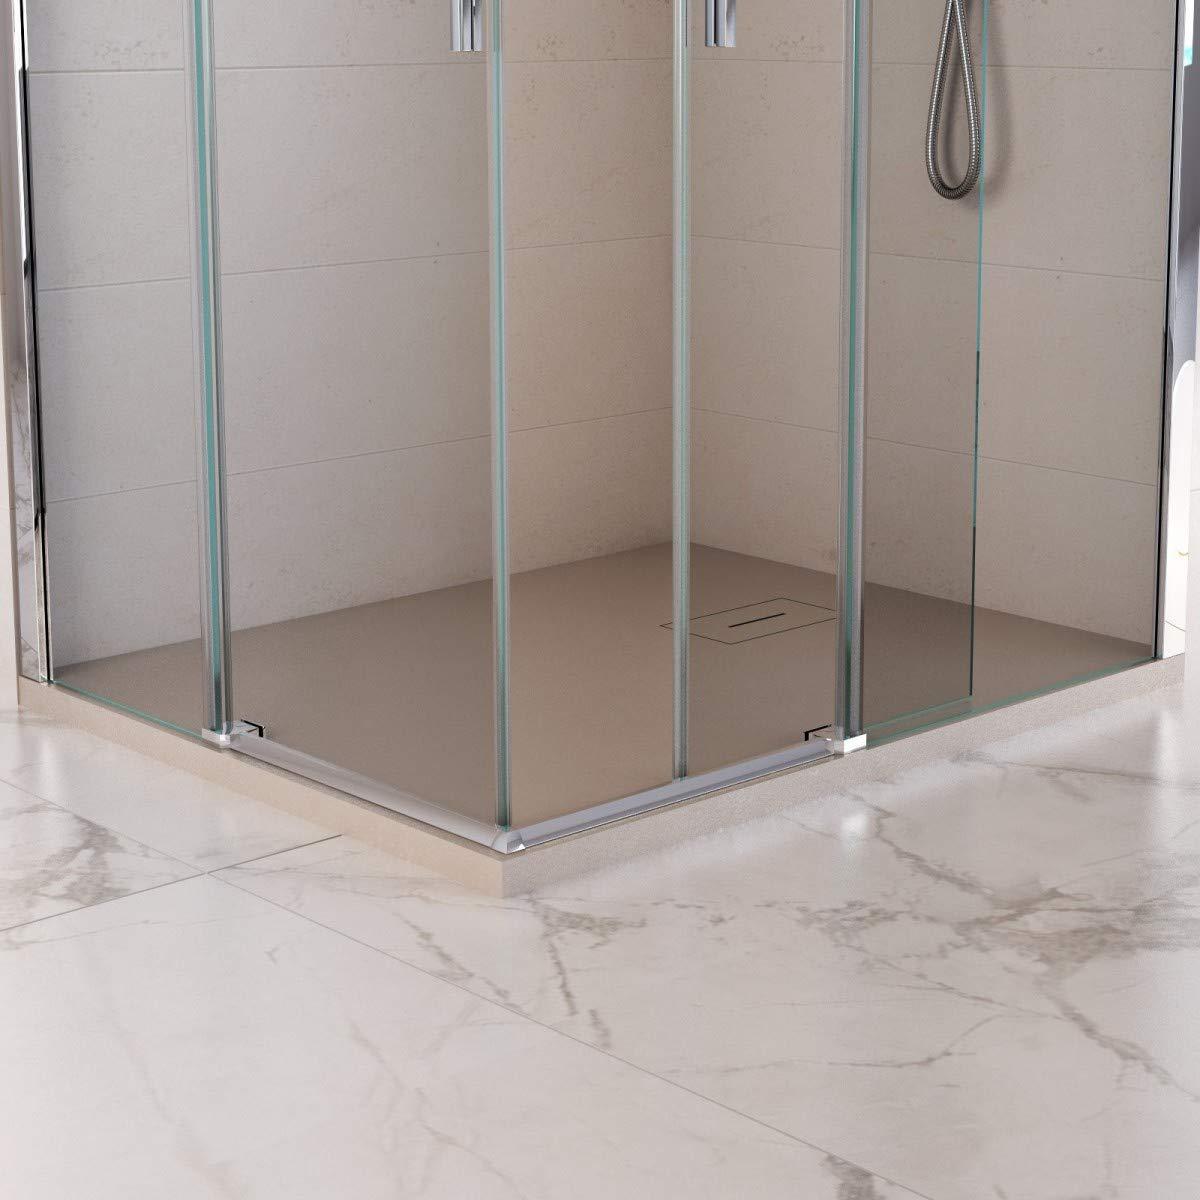 Olimpo - Mampara de Ducha Angular H195, 2 Puertas correderas de Cristal Transparente, 8 mm, Melissa: Amazon.es: Hogar